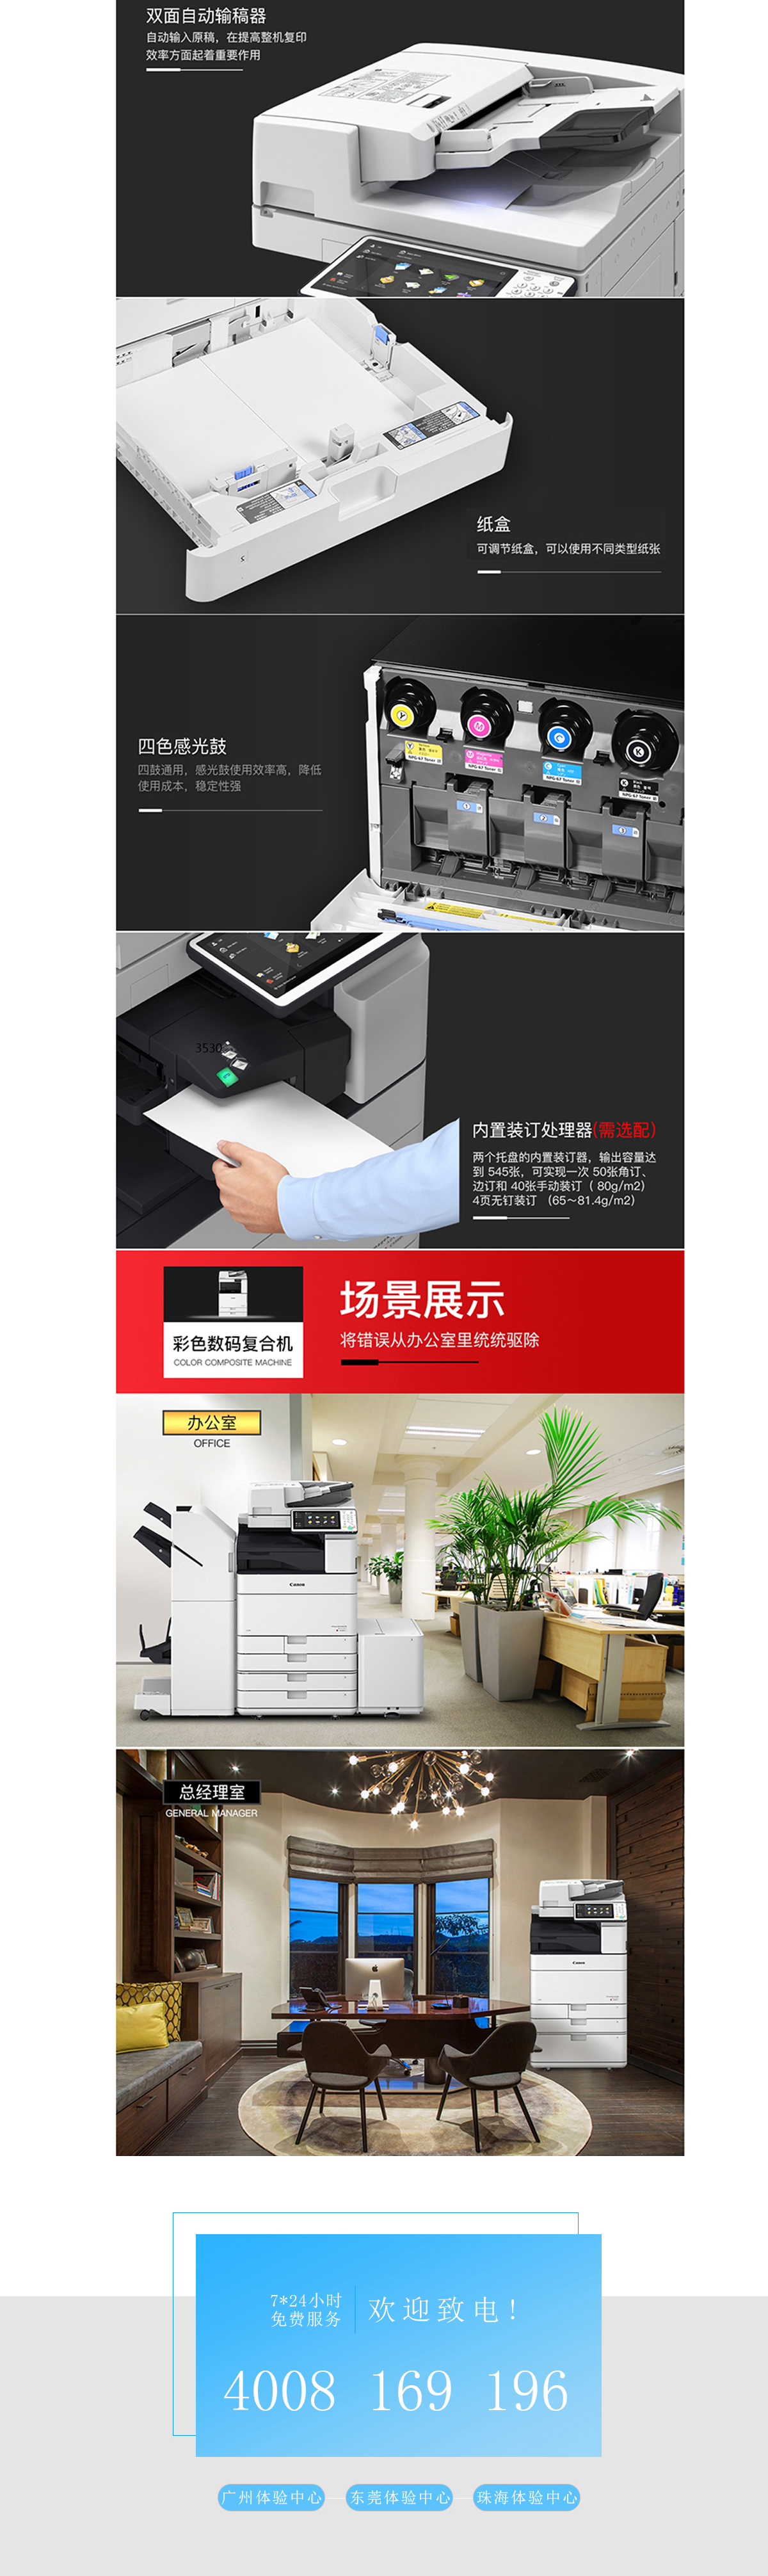 (全新机)IR-ADV C5550 佳能复合机A3A4彩色激光网络打印扫描一体机(打印/复印/网络扫描)(图6)